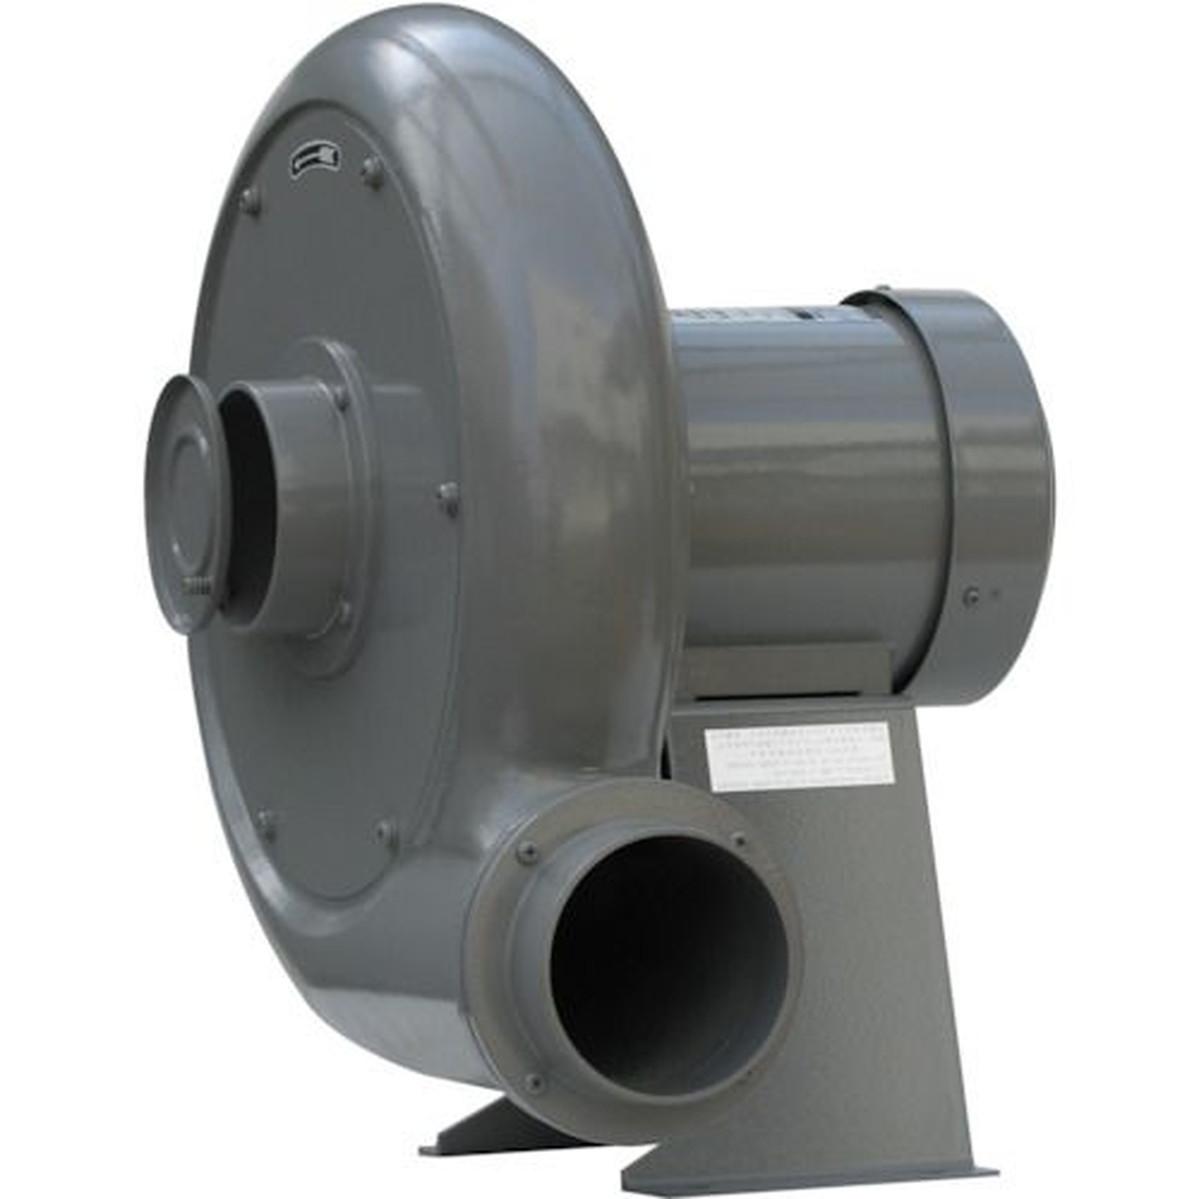 割引クーポン 淀川電機 電動送風機 ターボ型 BNシリーズ 三相200V (0.75kW) 1台, ZWILLING J.A. HENCKELS 3f42b709